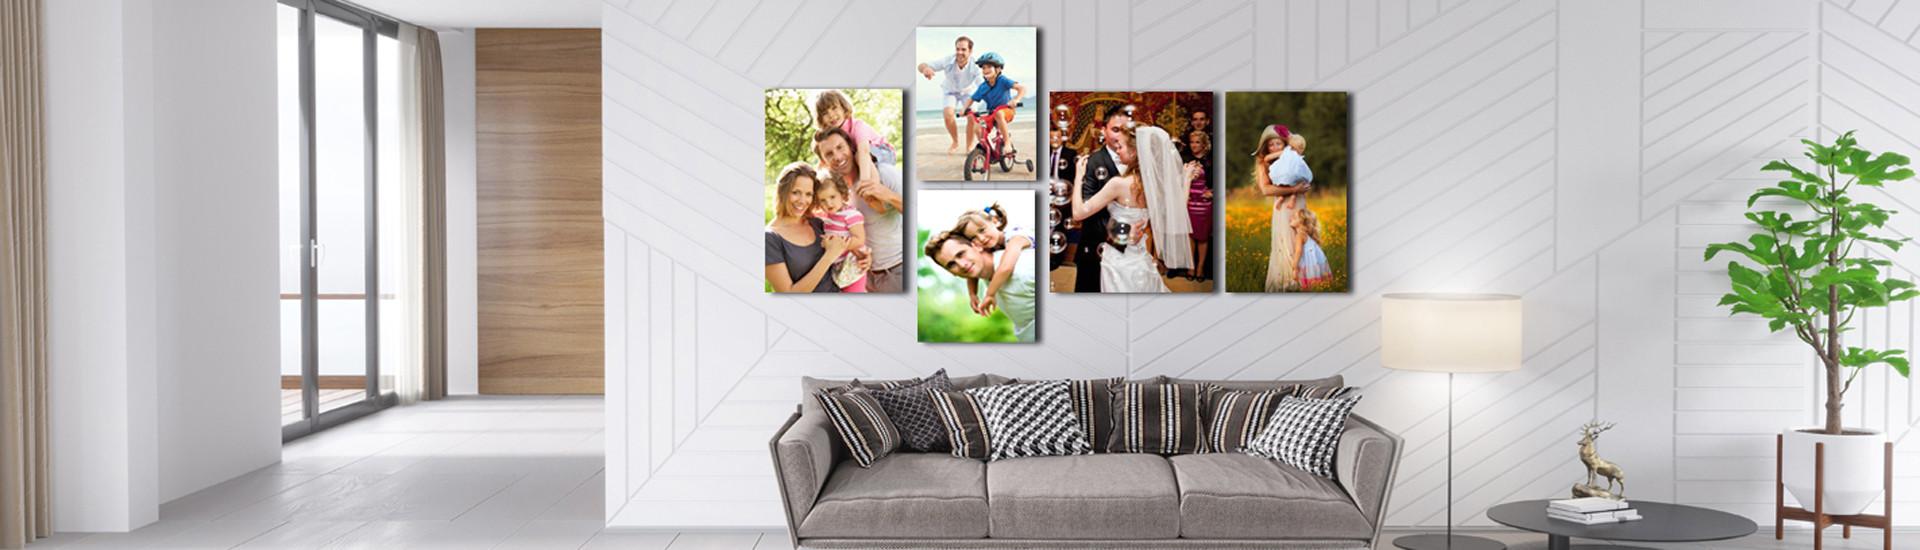 canvas prints online